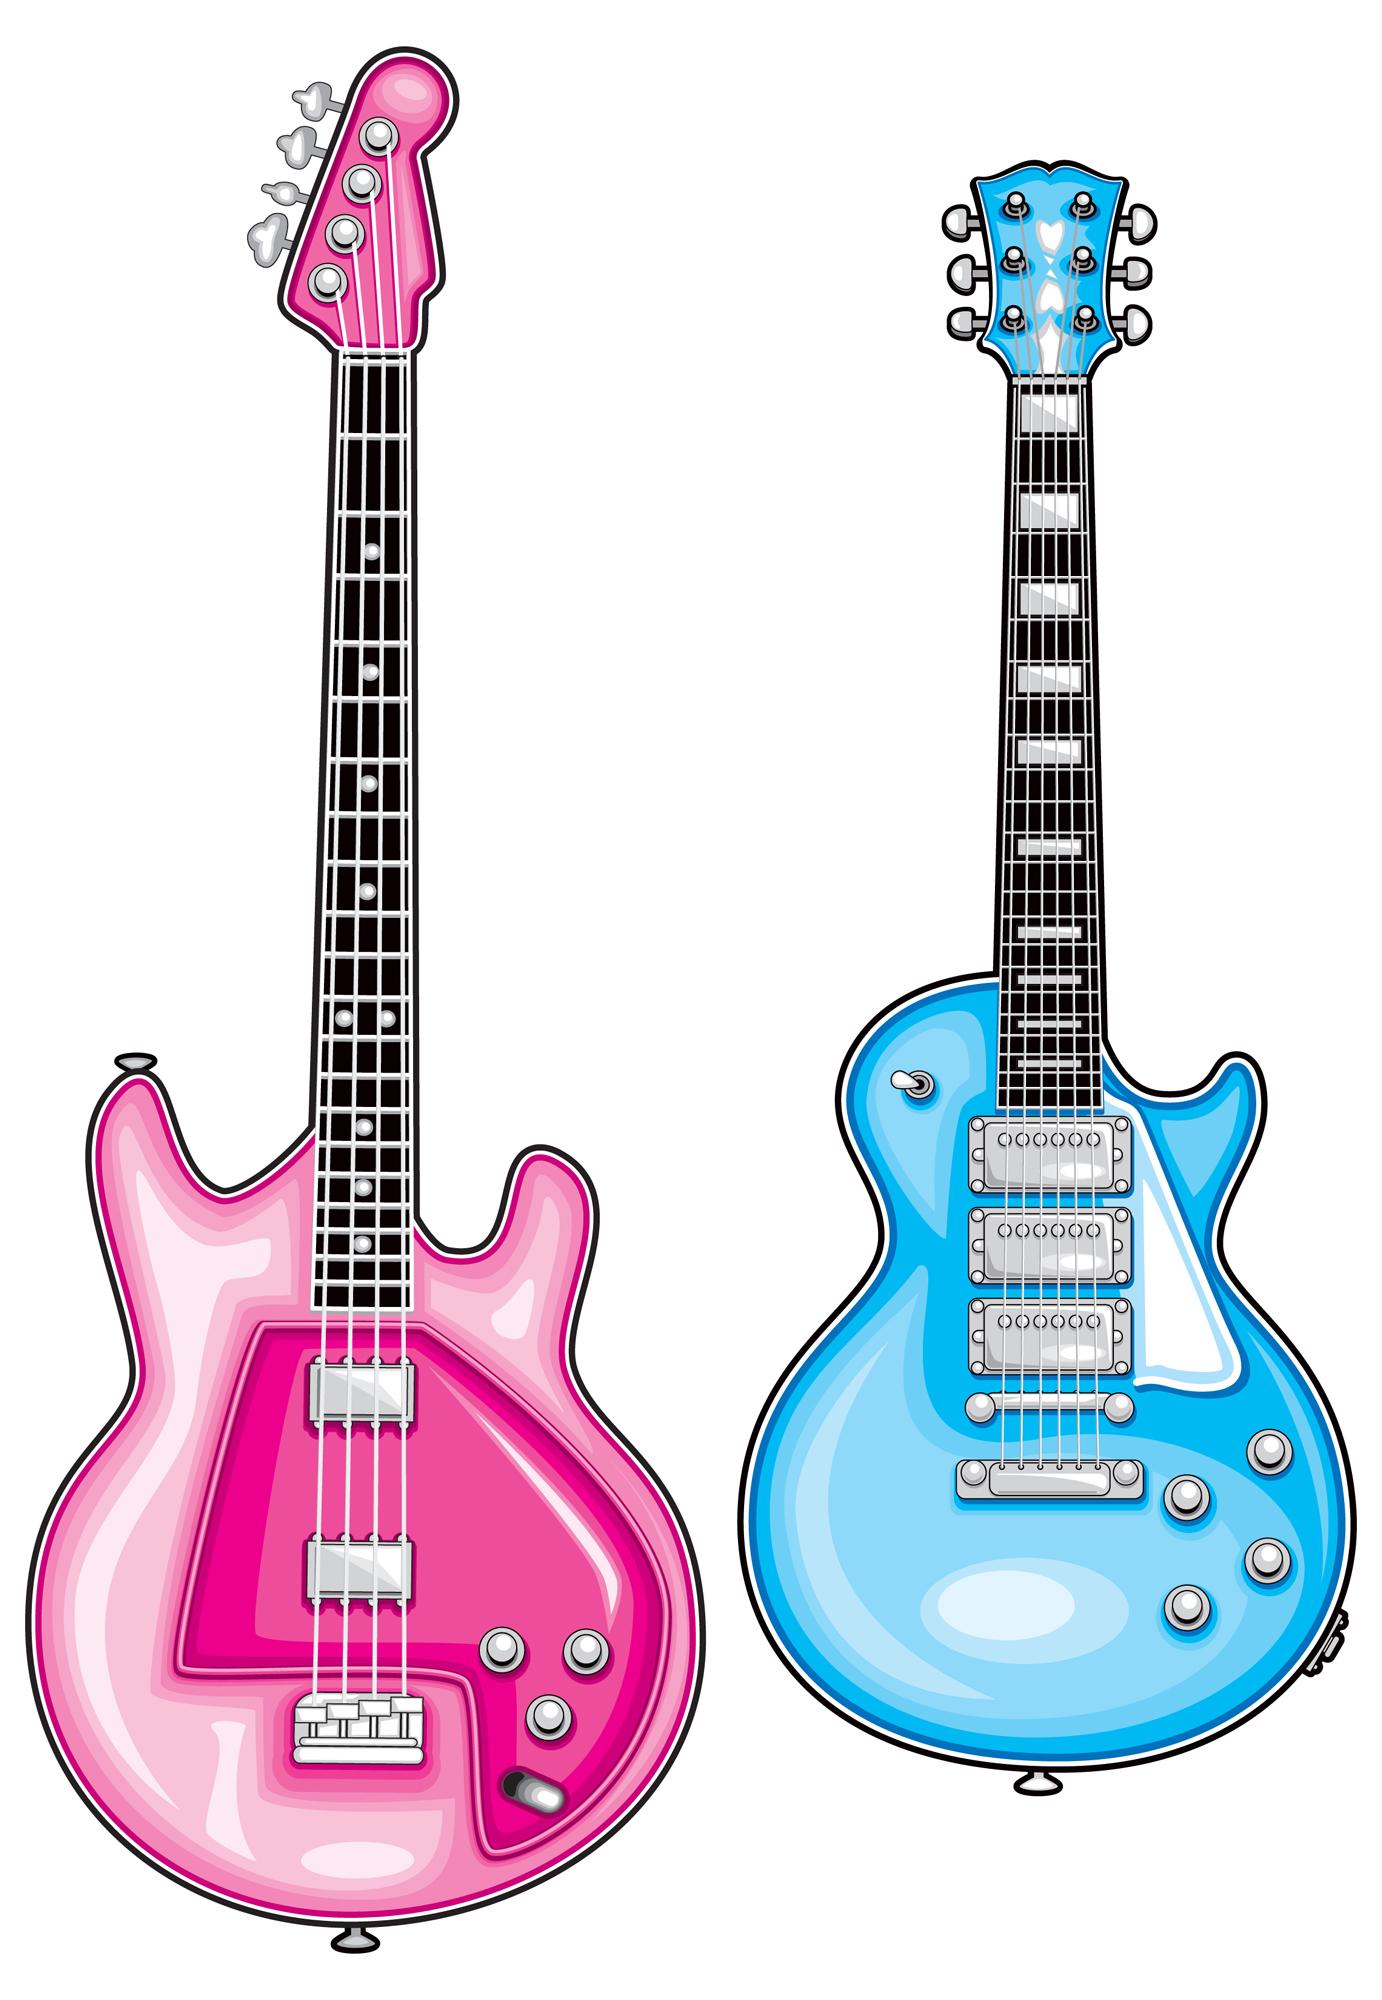 BlueGuitar-PinkBass-2000.jpg